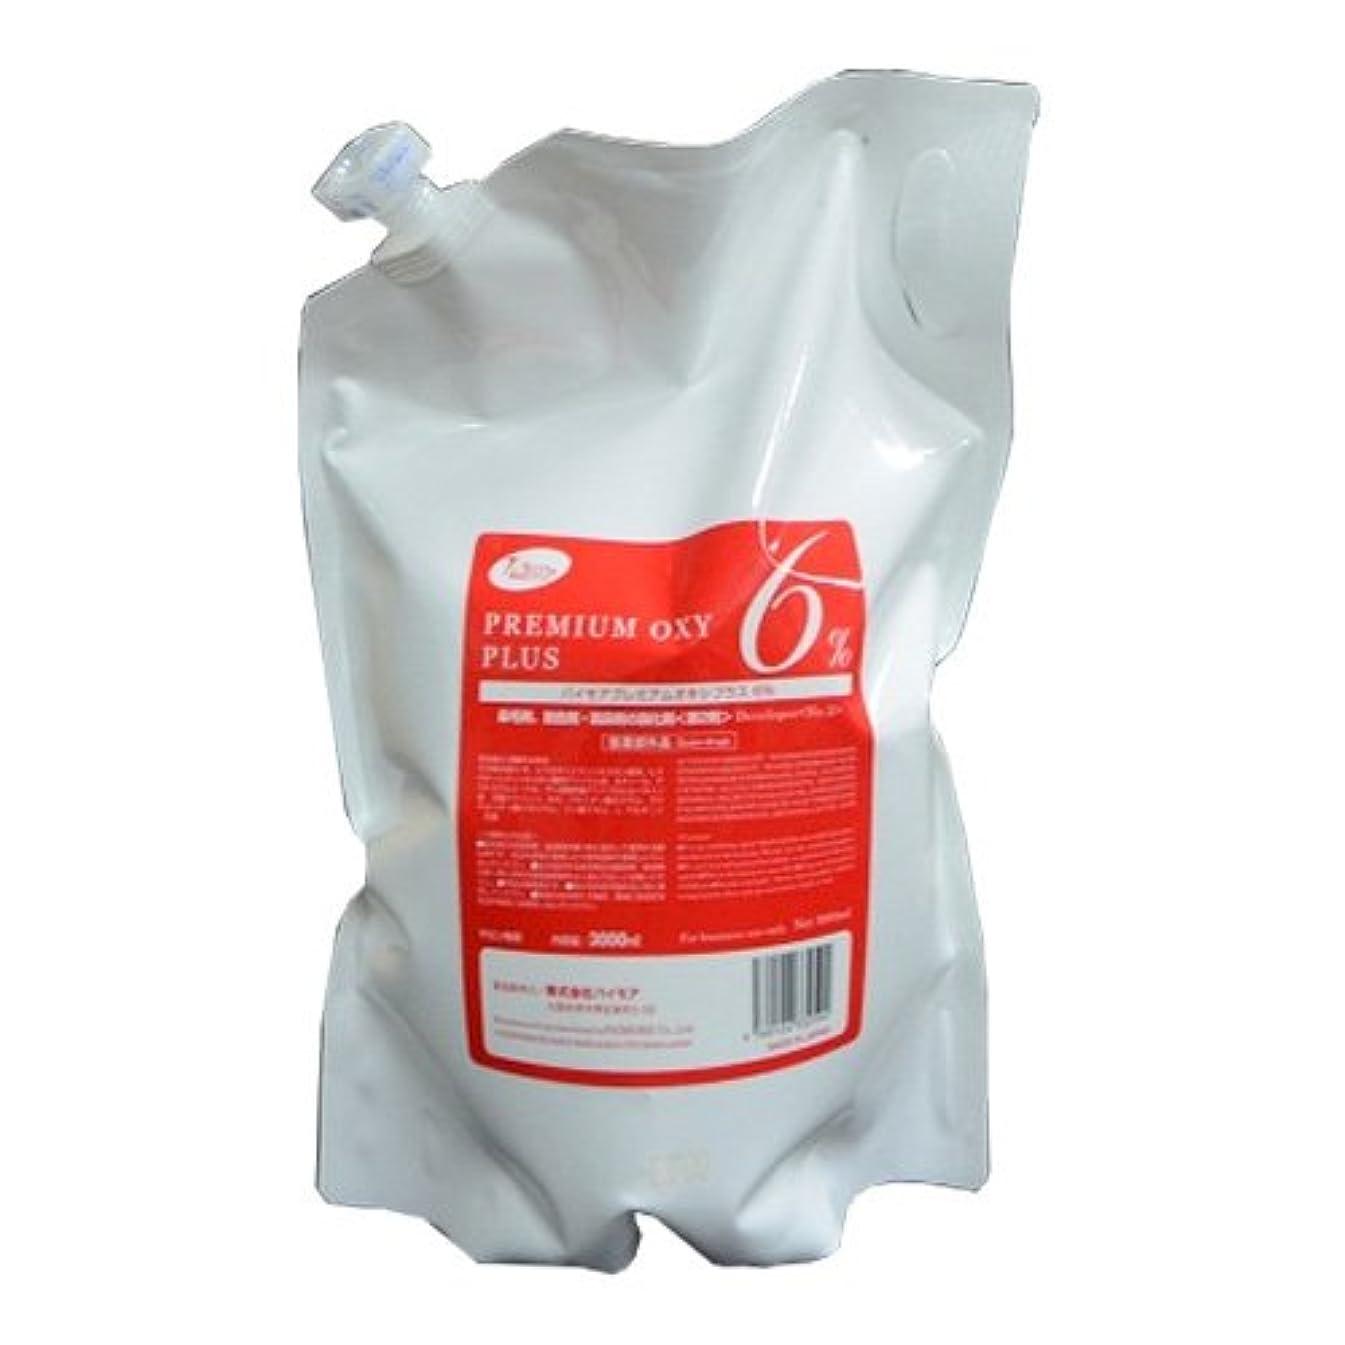 荷物ポゴスティックジャンプ衣類パイモア プレミアムオキシプラス 6%(レフィルタイプ) 3000ml [医薬部外品]